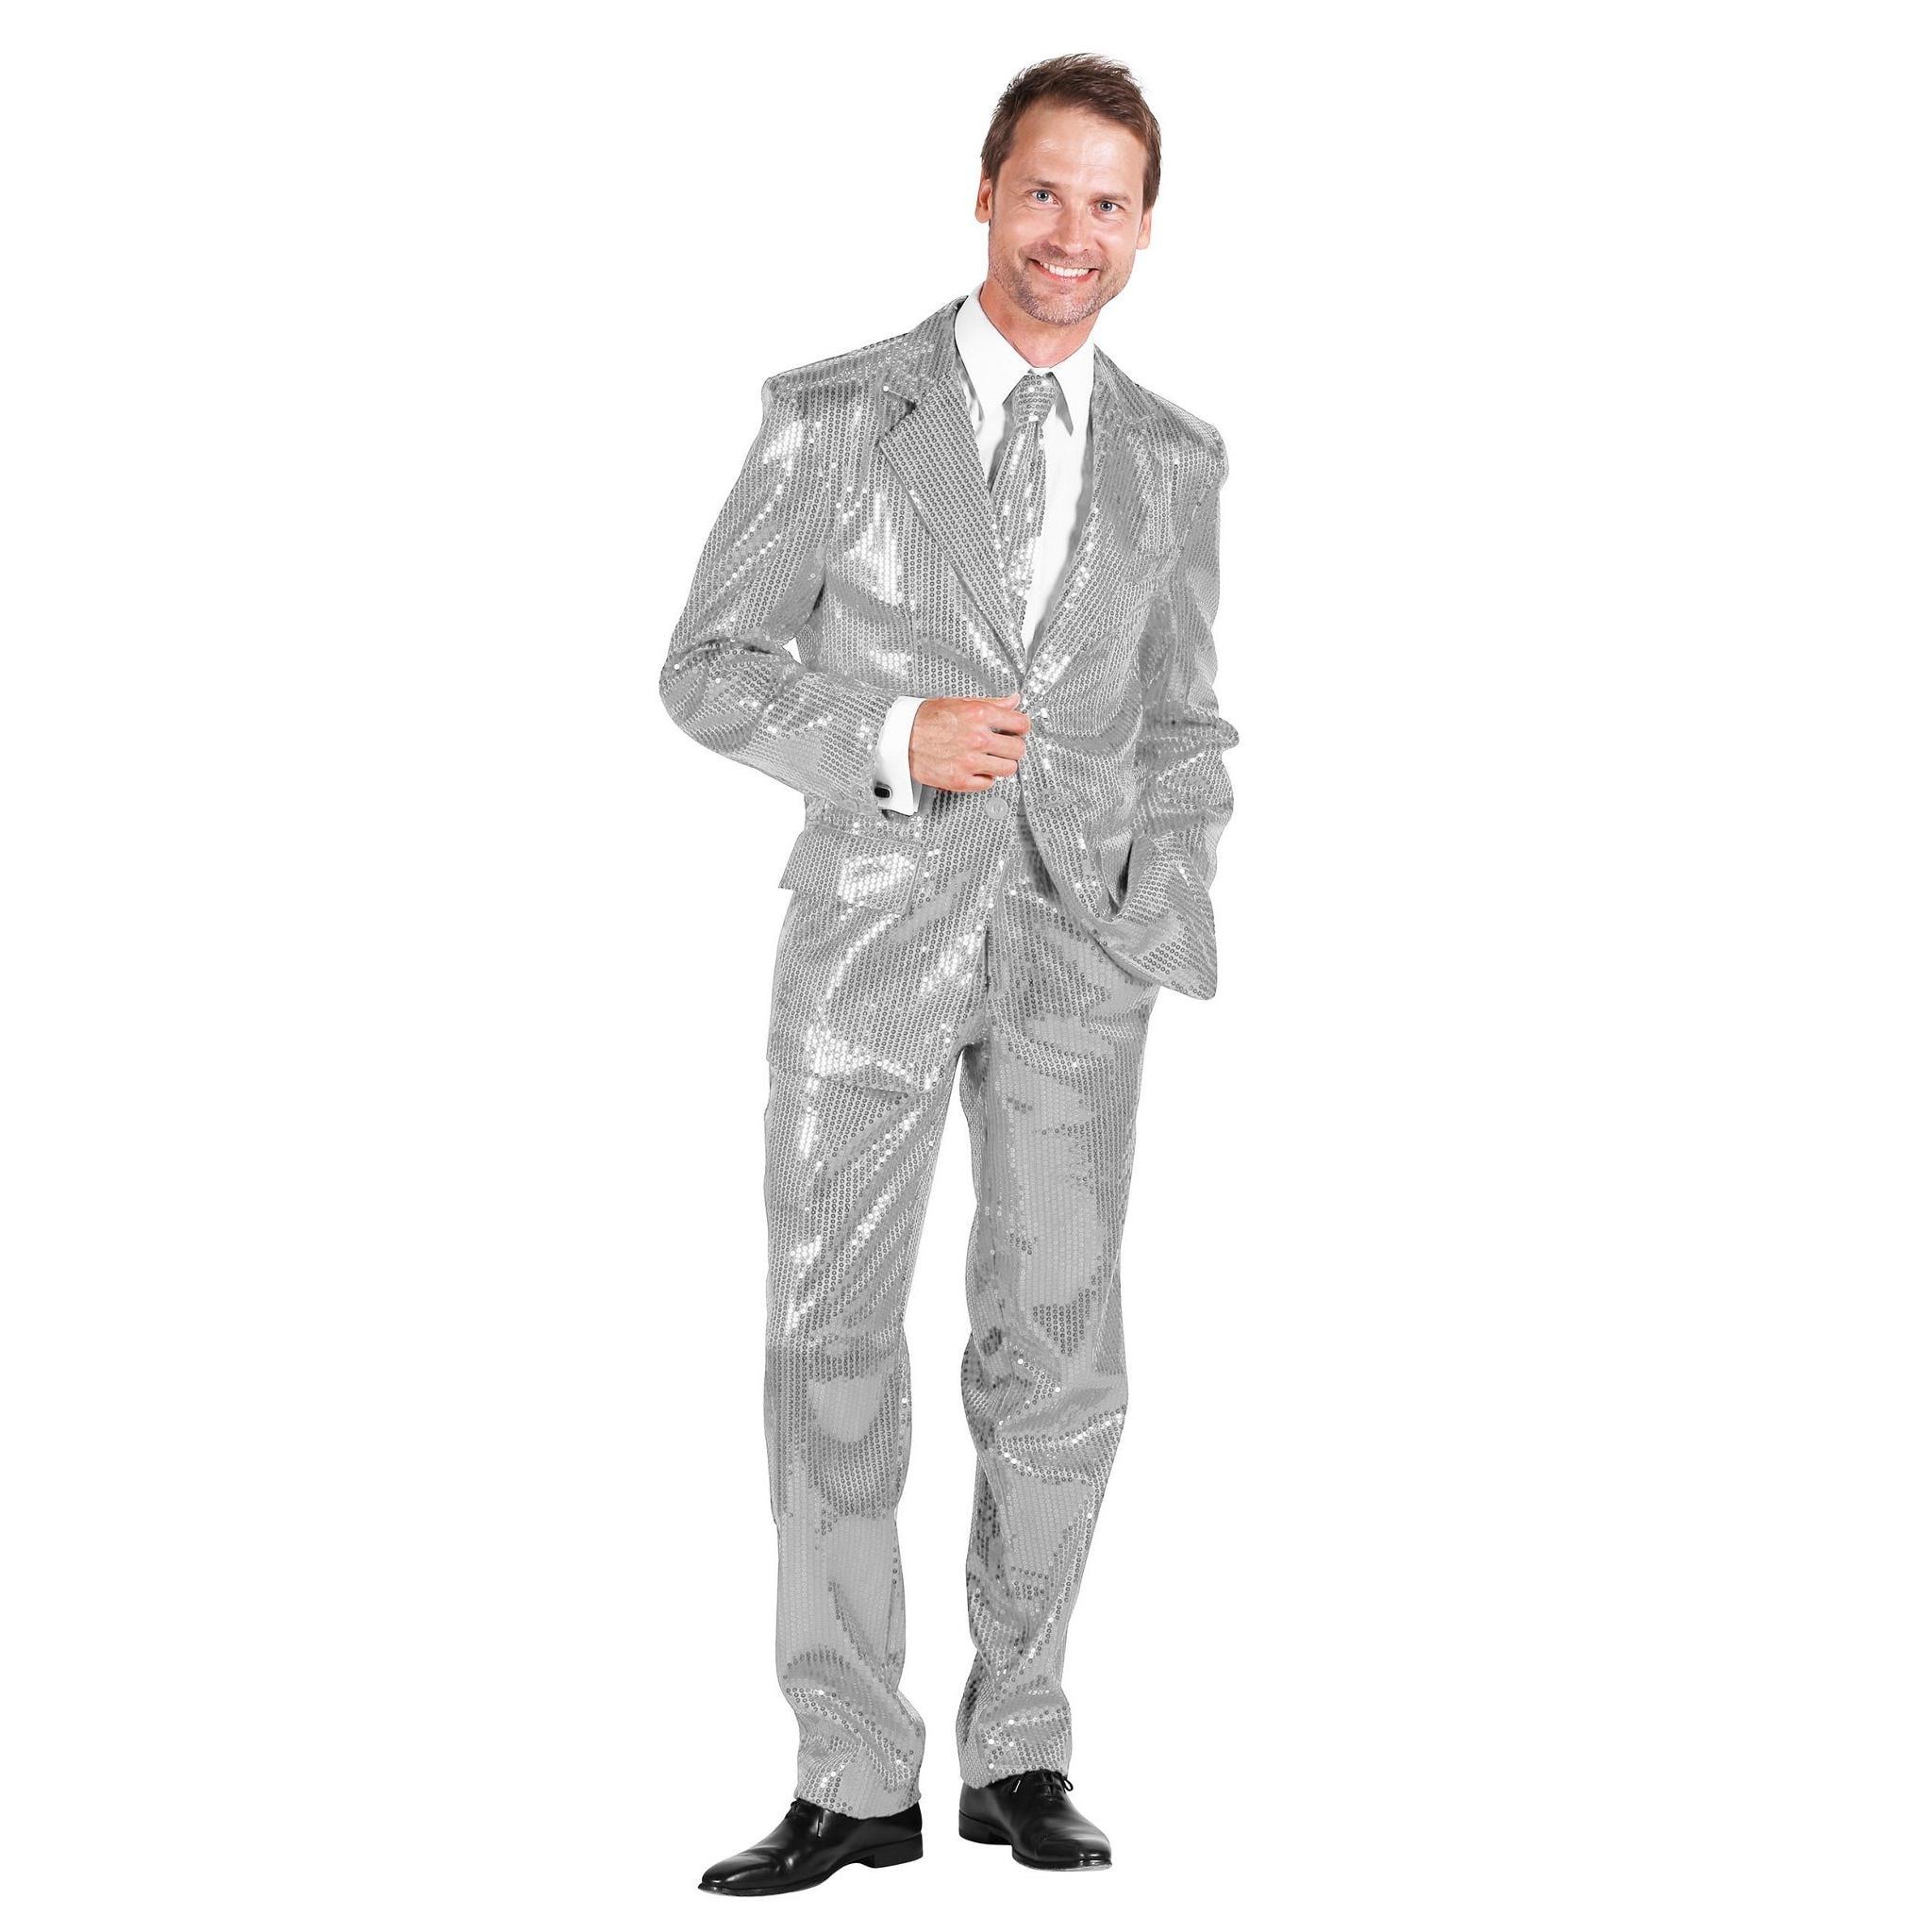 Thetru Schlagersänger Pailletten Anzug silber Kostüm